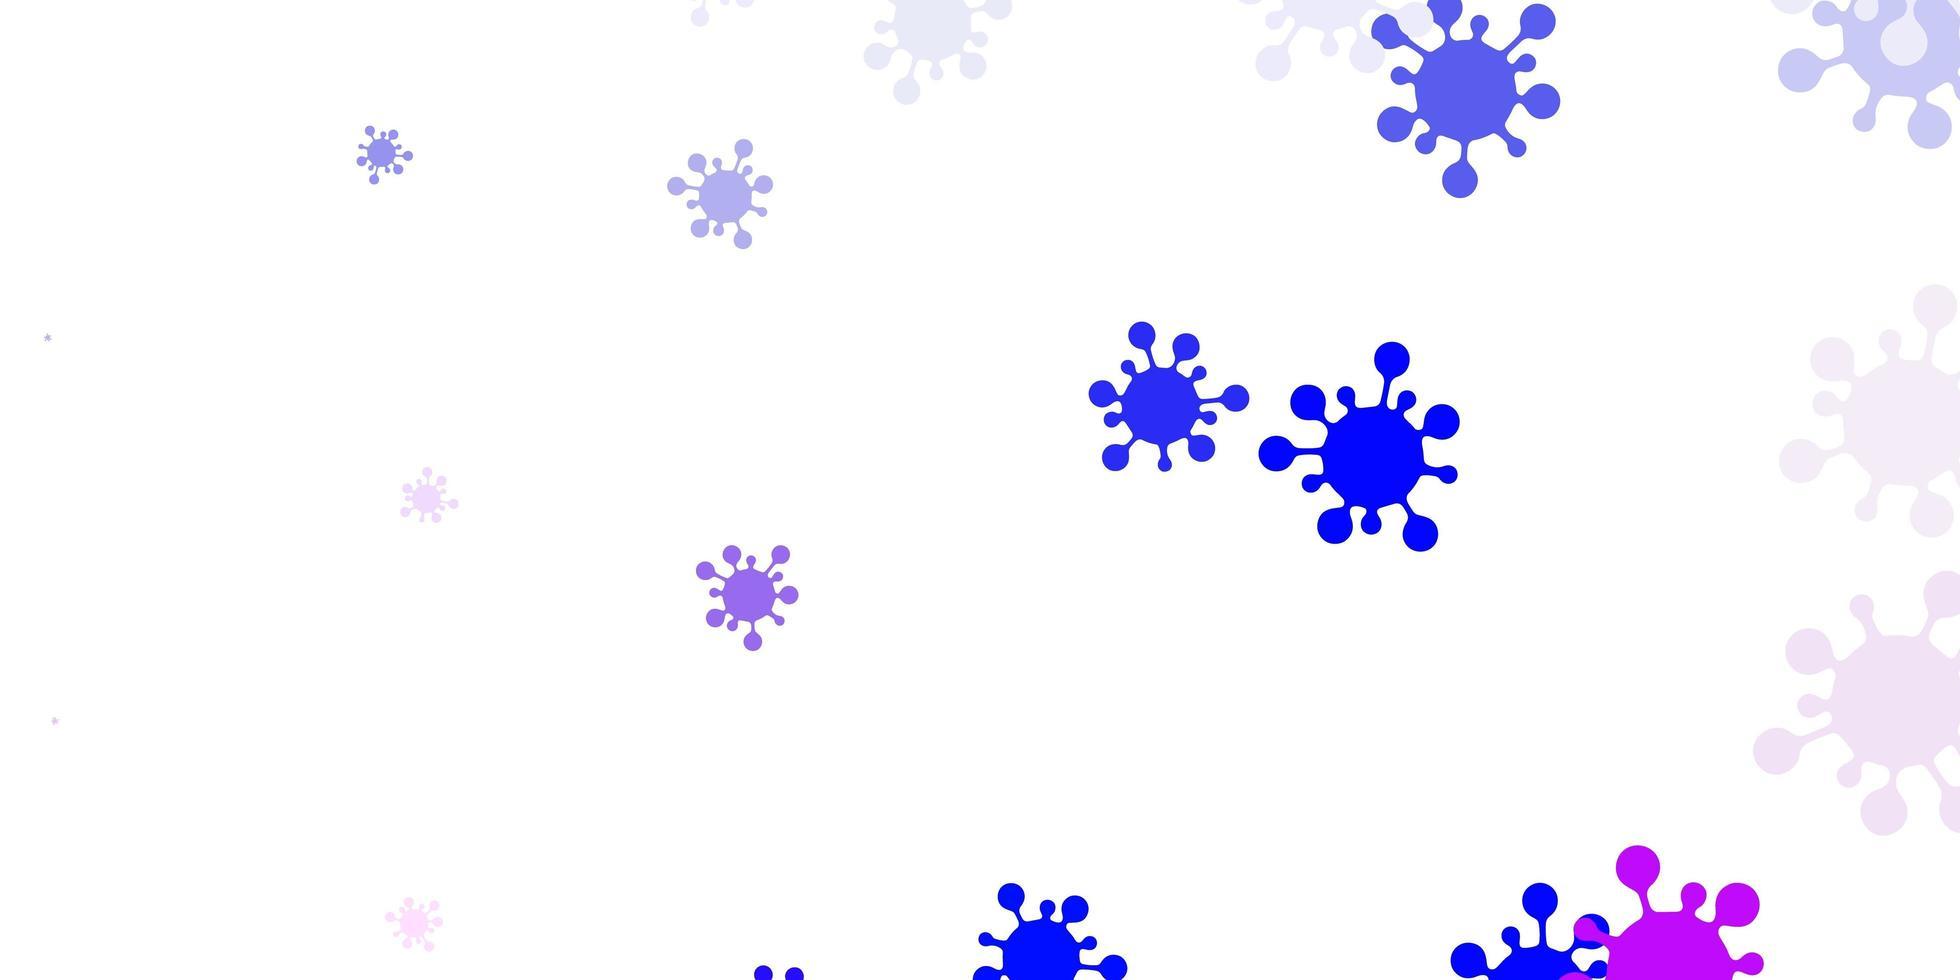 lichtroze, blauwe vectortextuur met ziektesymbolen vector